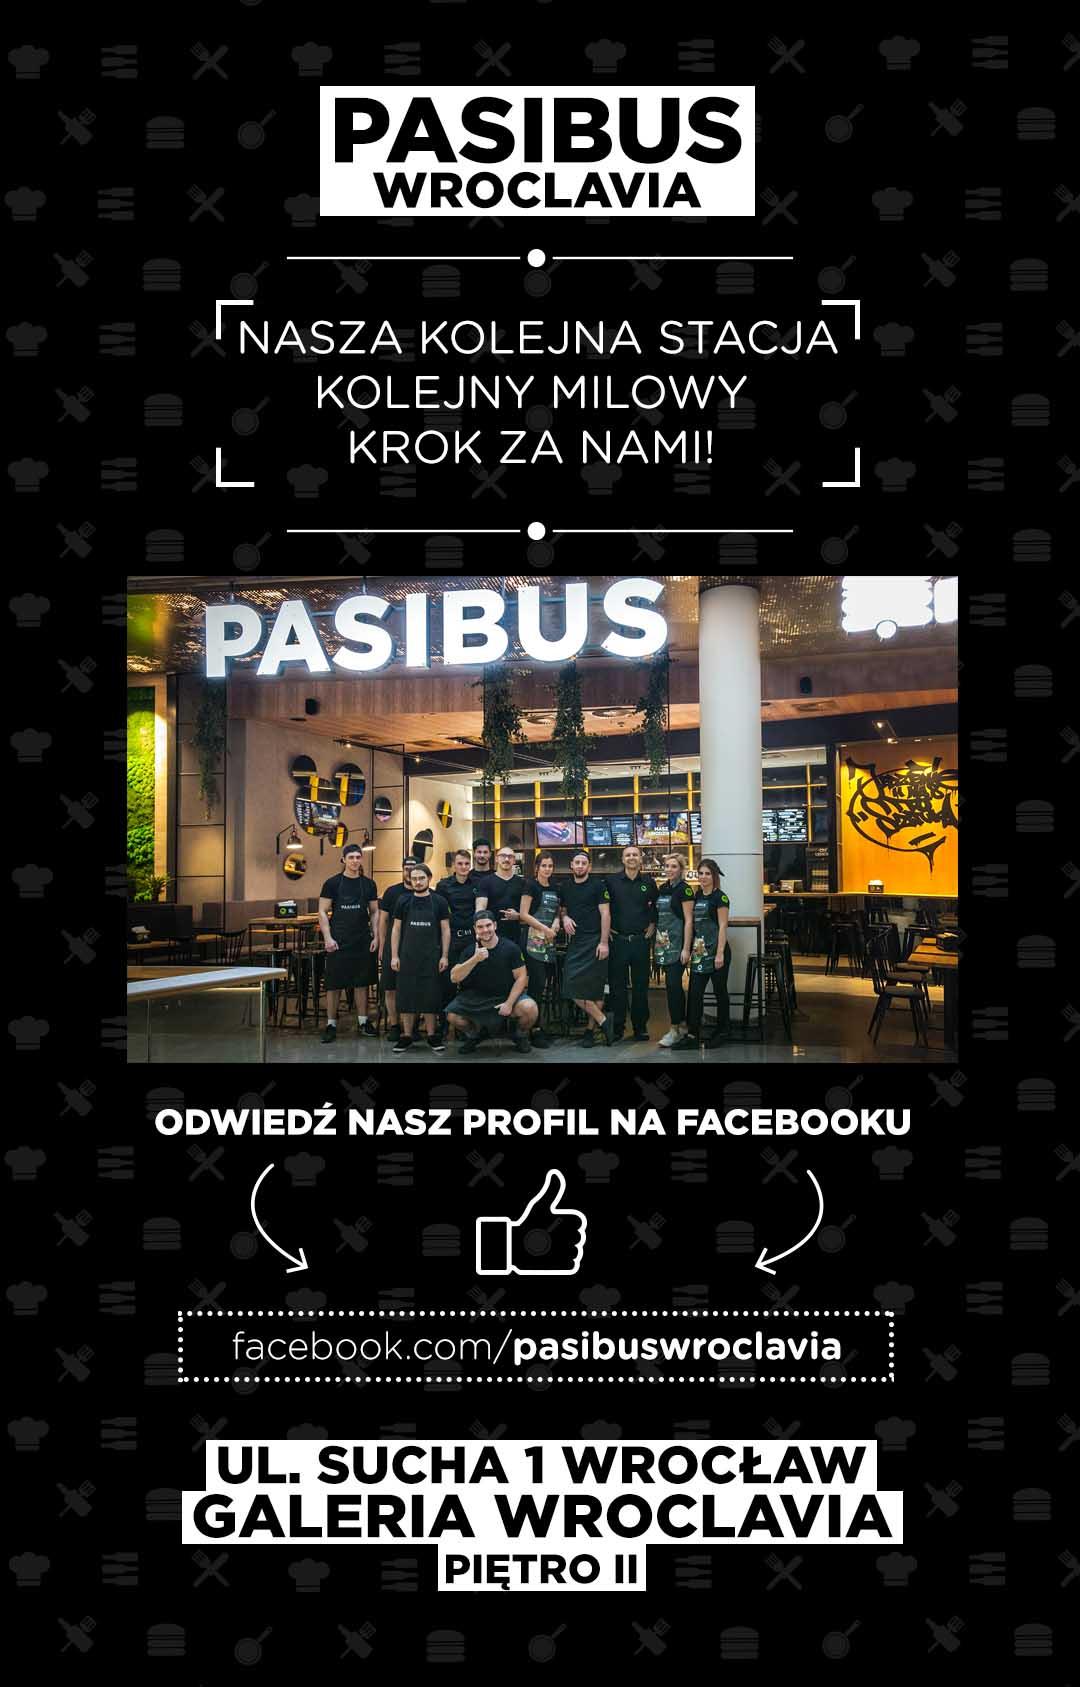 Otwarcie nowej restauracji we Wrocławskiej Wroclavii